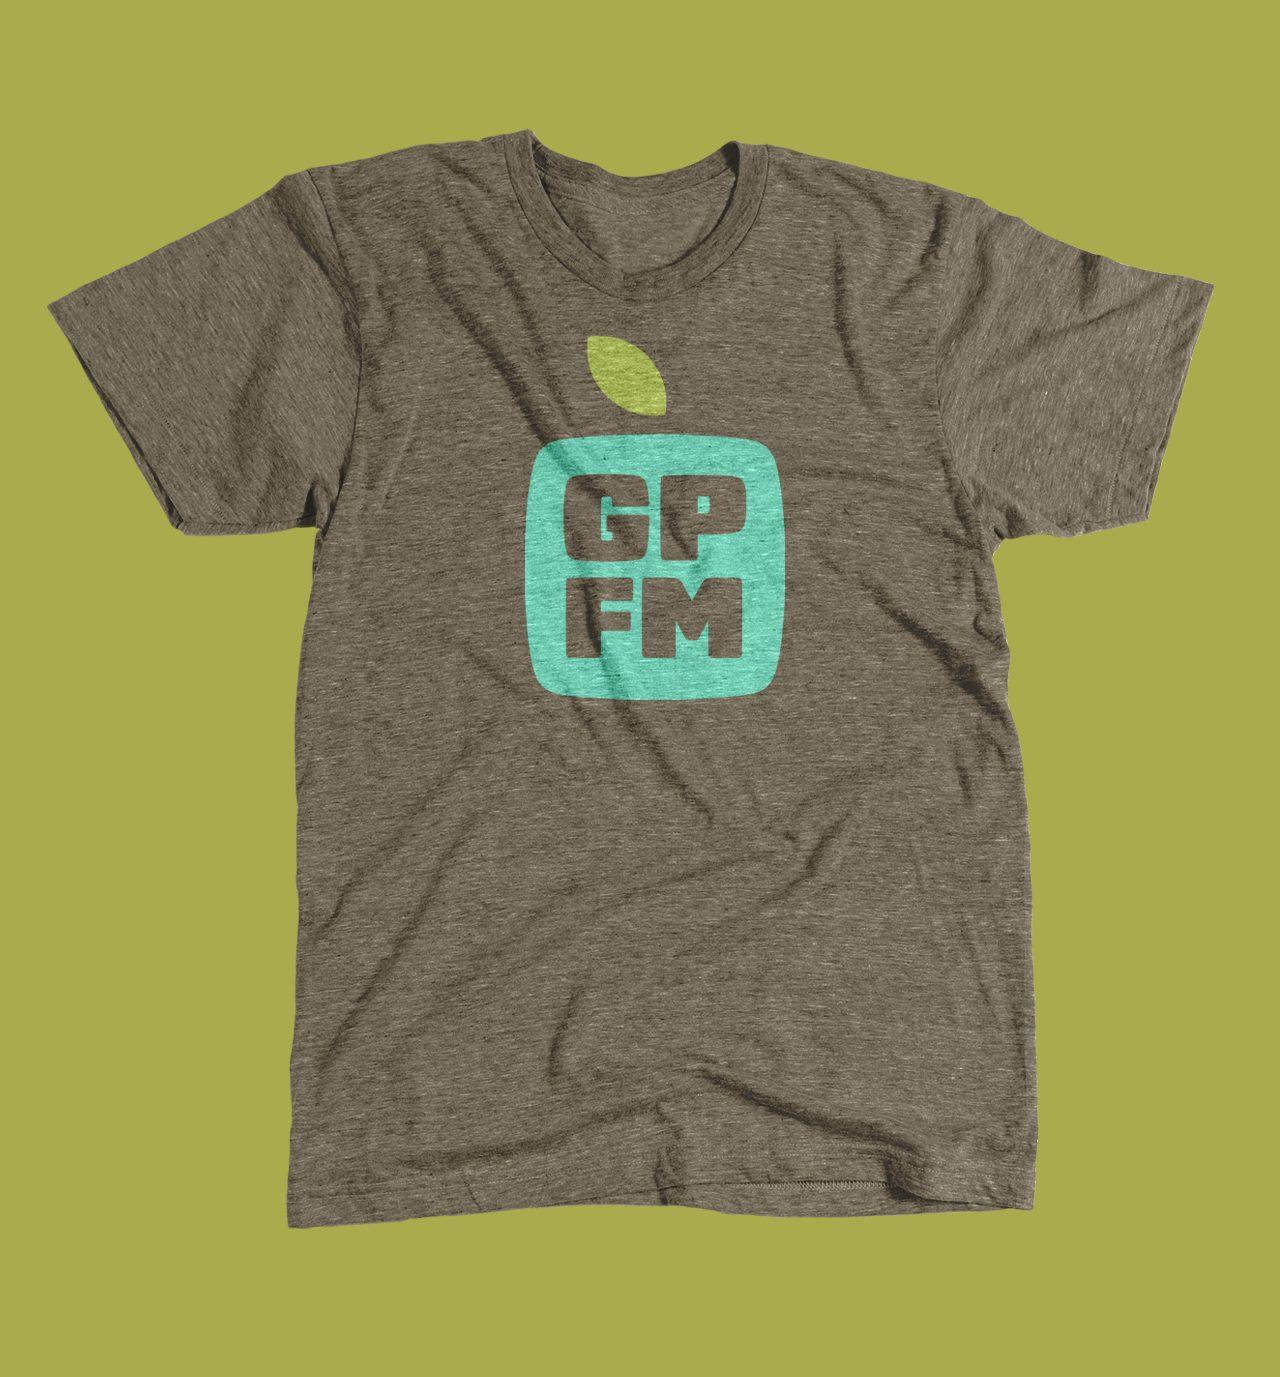 GPFM Tshirt